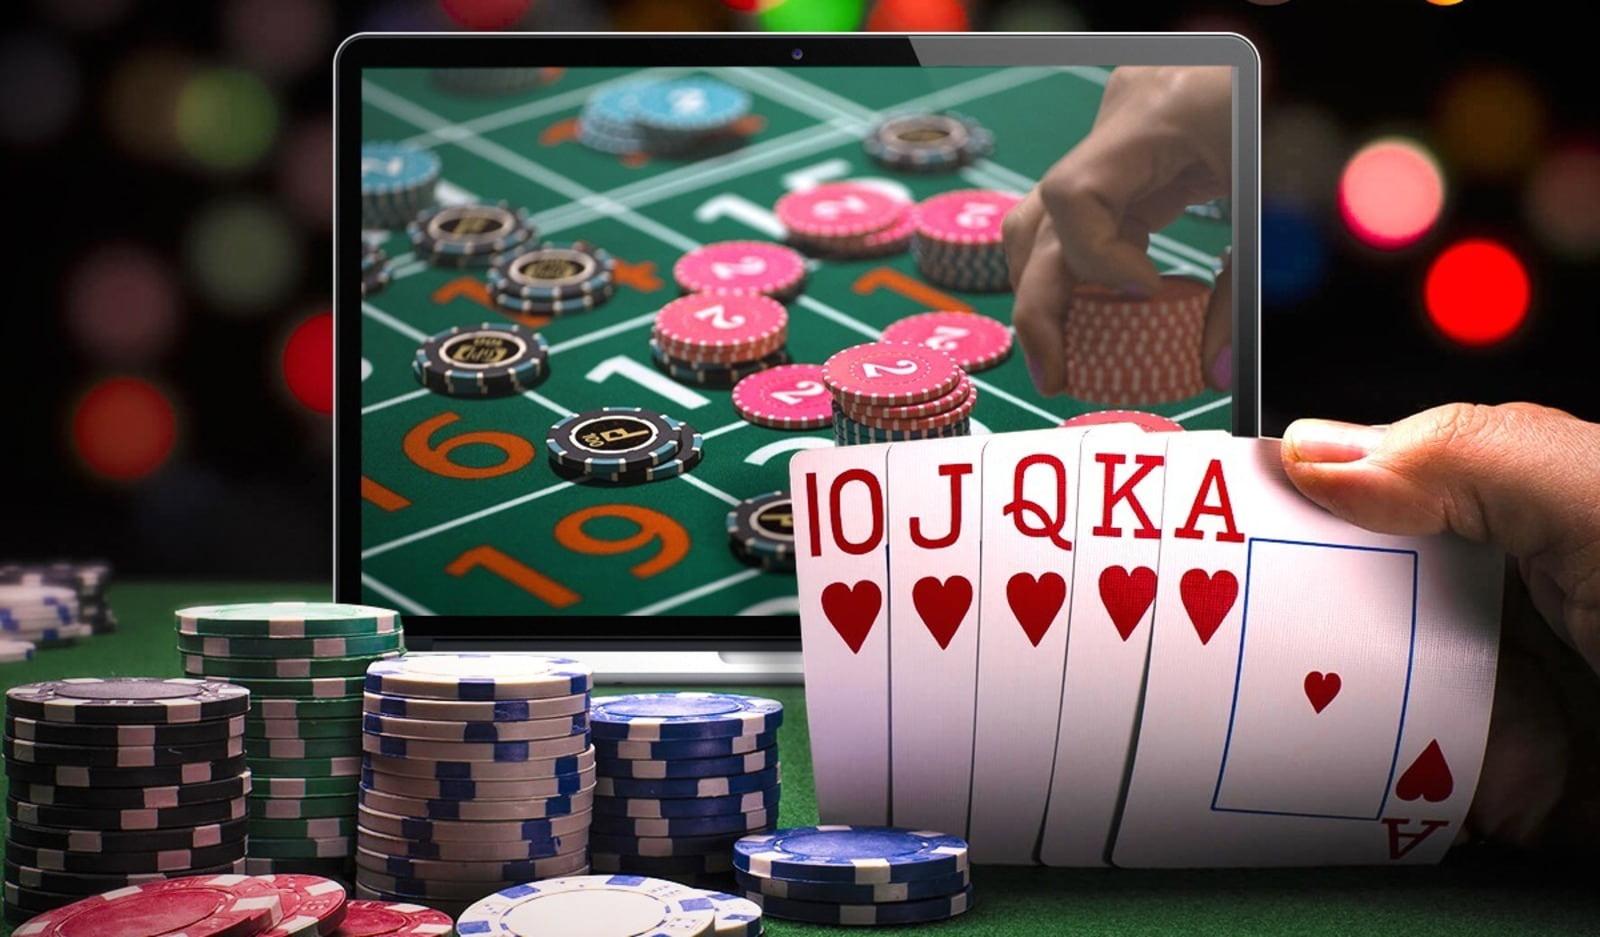 Игра окончена: по требованию Роскомнадзора было заблокировано 30 тысяч онлайн-казино